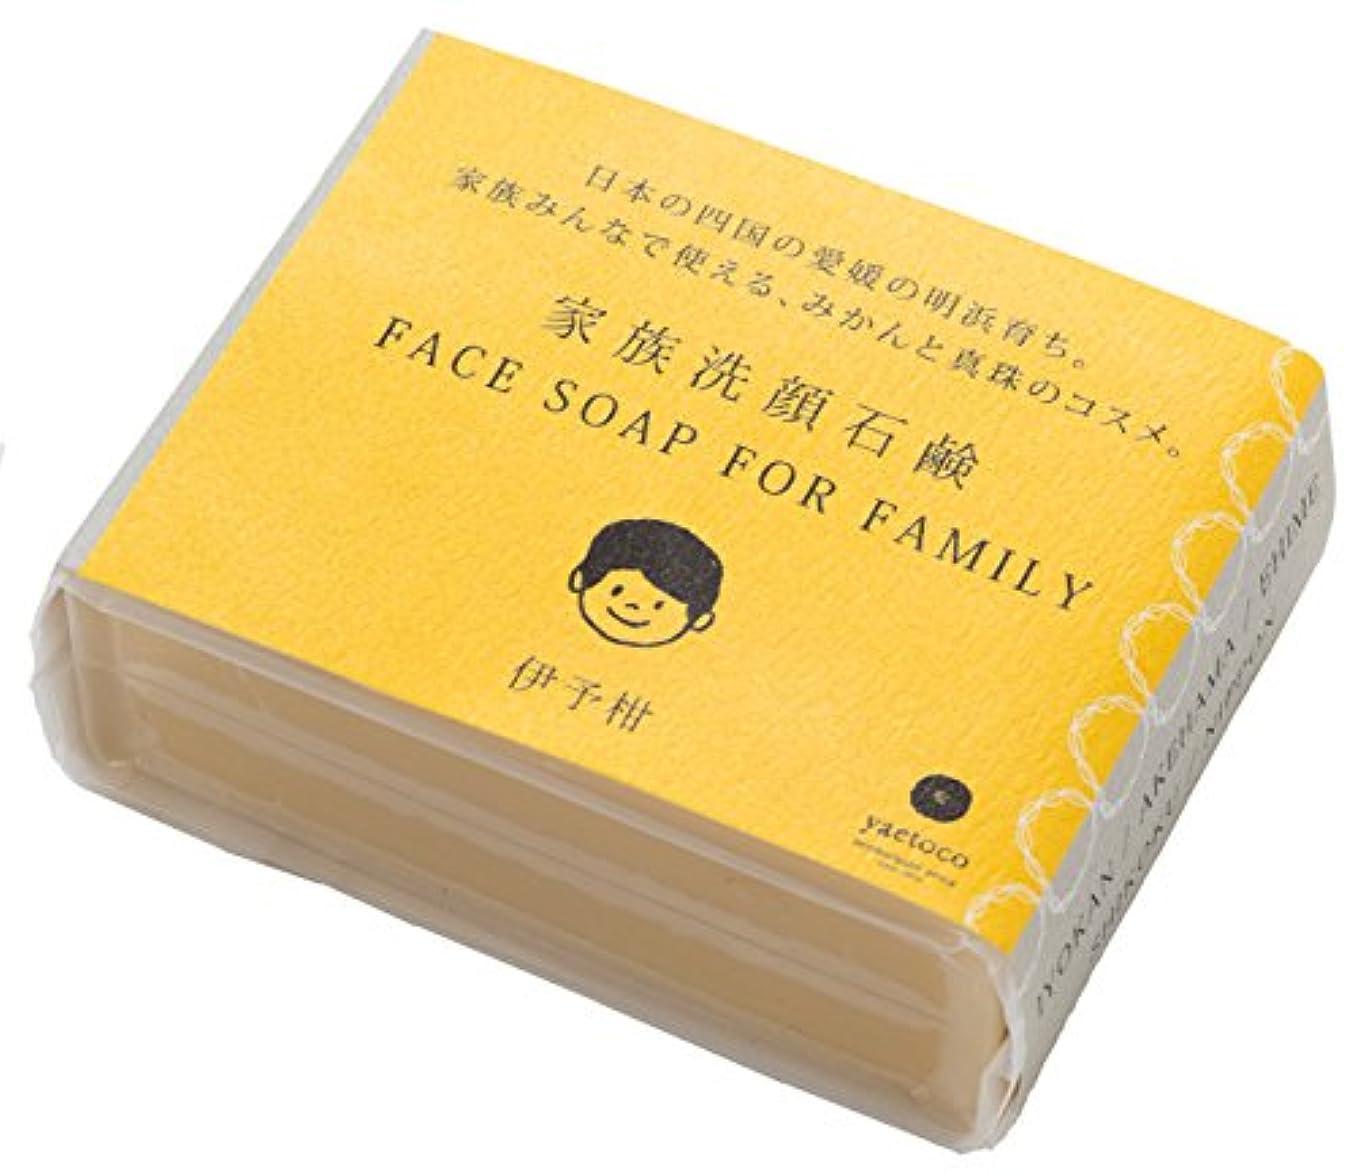 ネット鮫主婦yaetoco家族洗顔石鹸